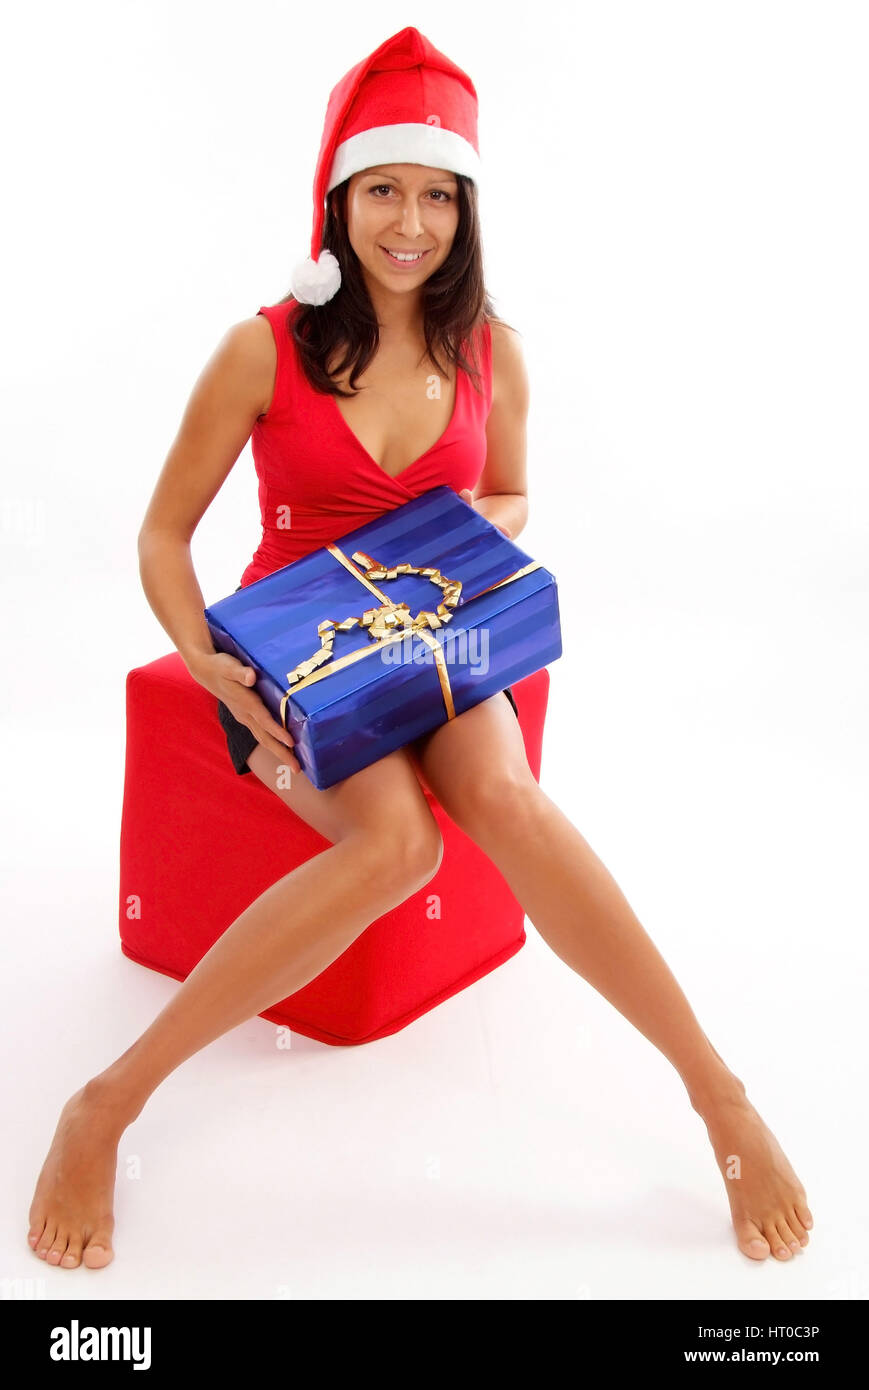 Junge Frau mit Weihnachtsm?tze und Weihnachtsgeschenk - young woman ...